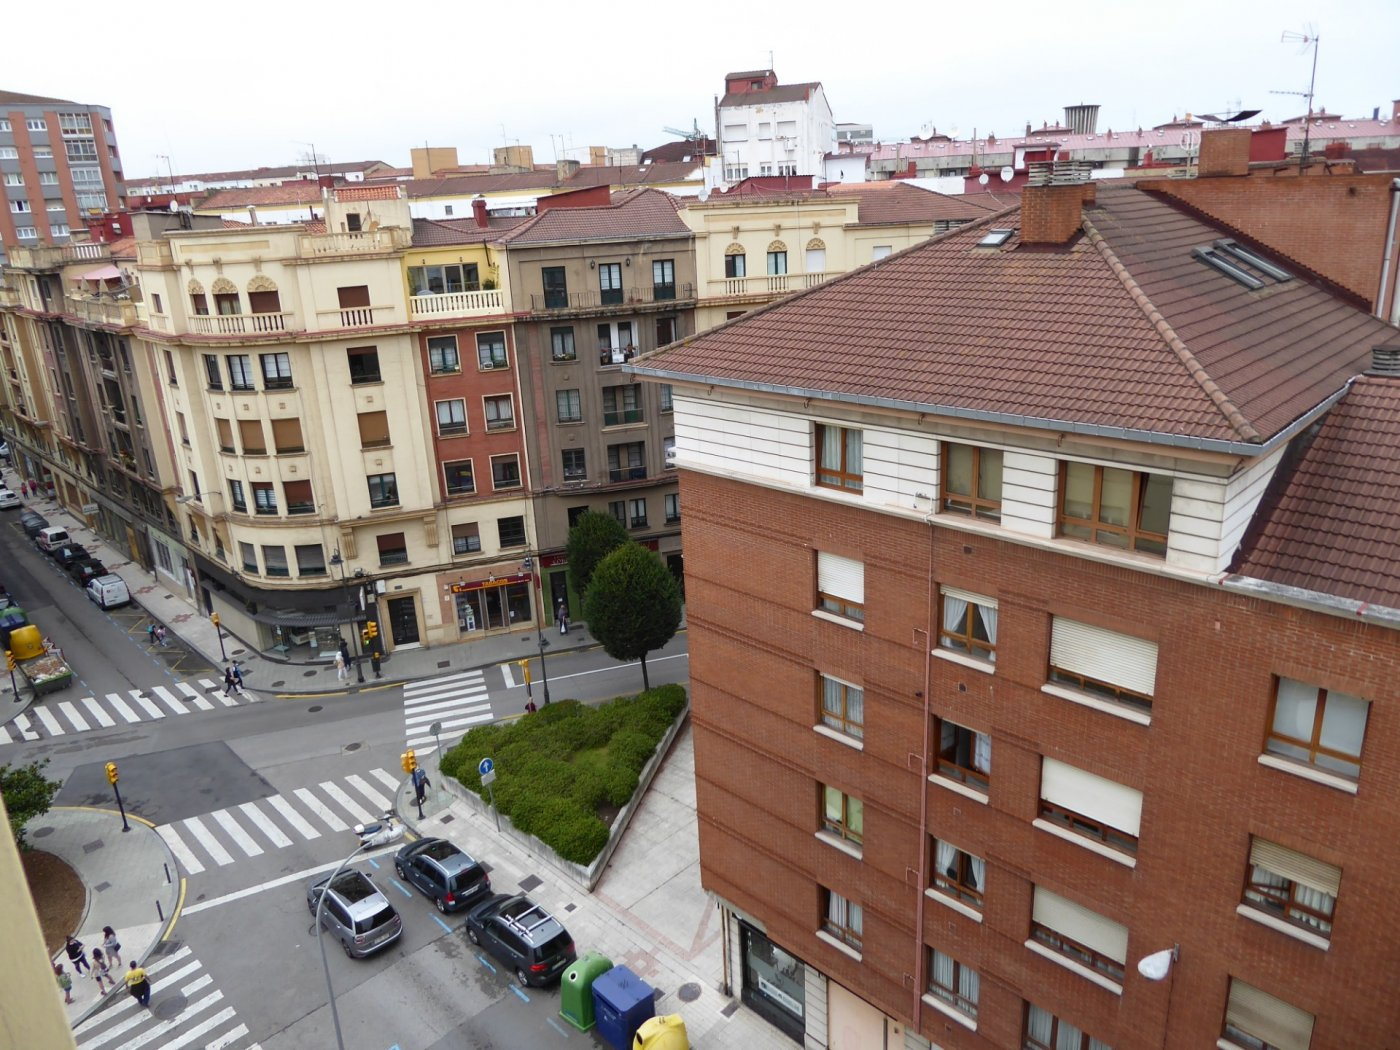 Alquiler de piso en gijon - imagenInmueble24